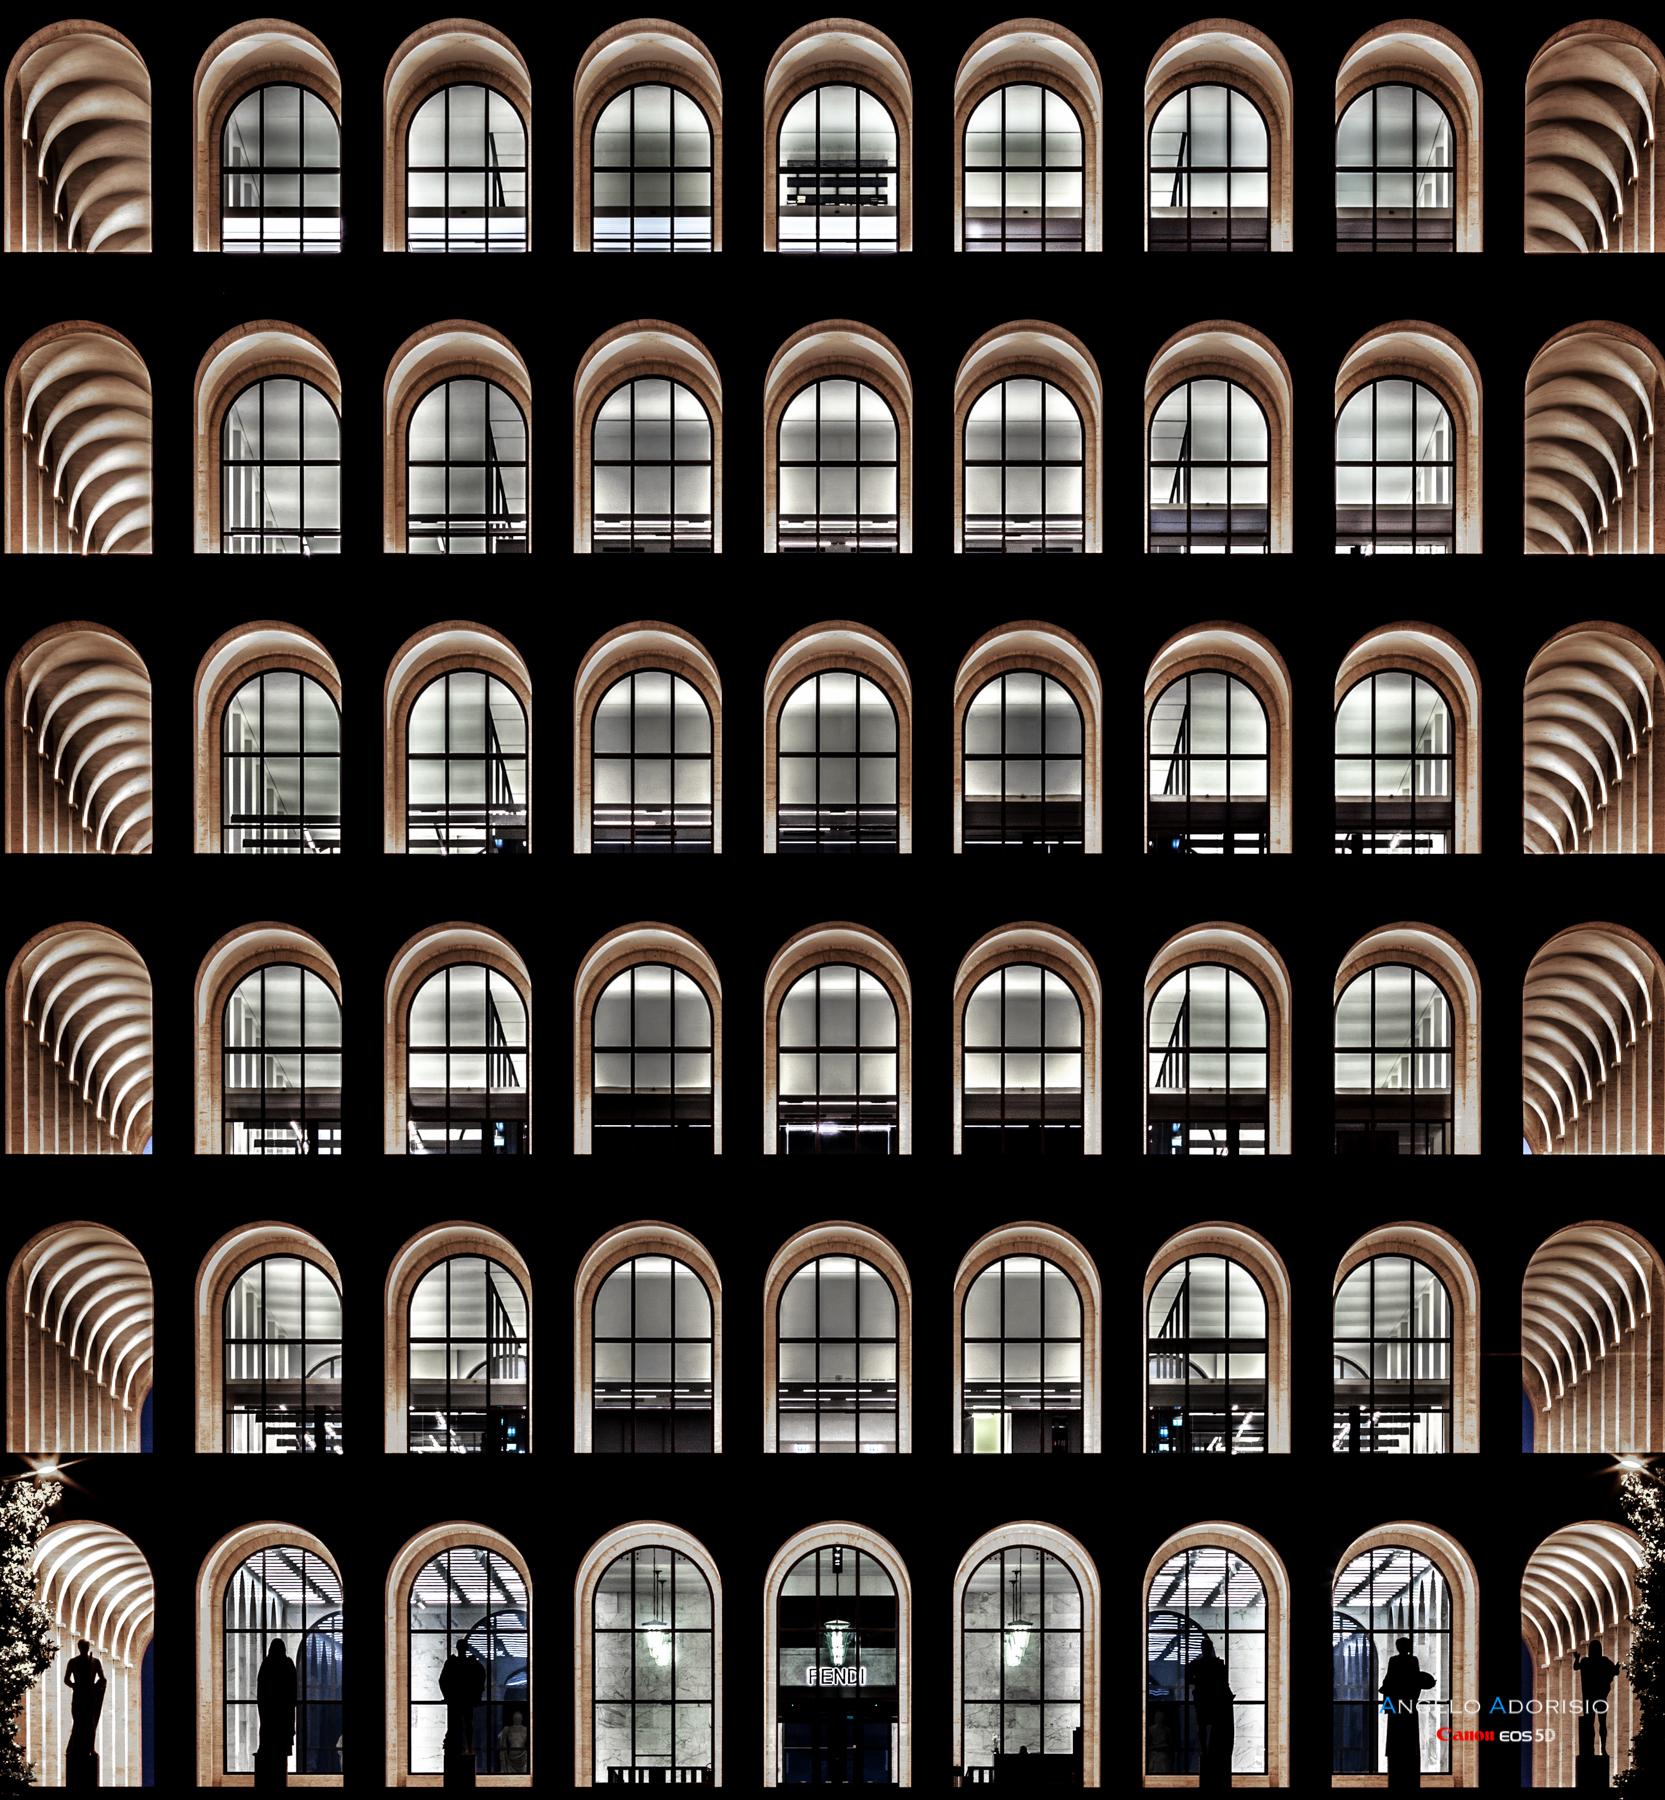 Rome EUR - Palace of Civilization...